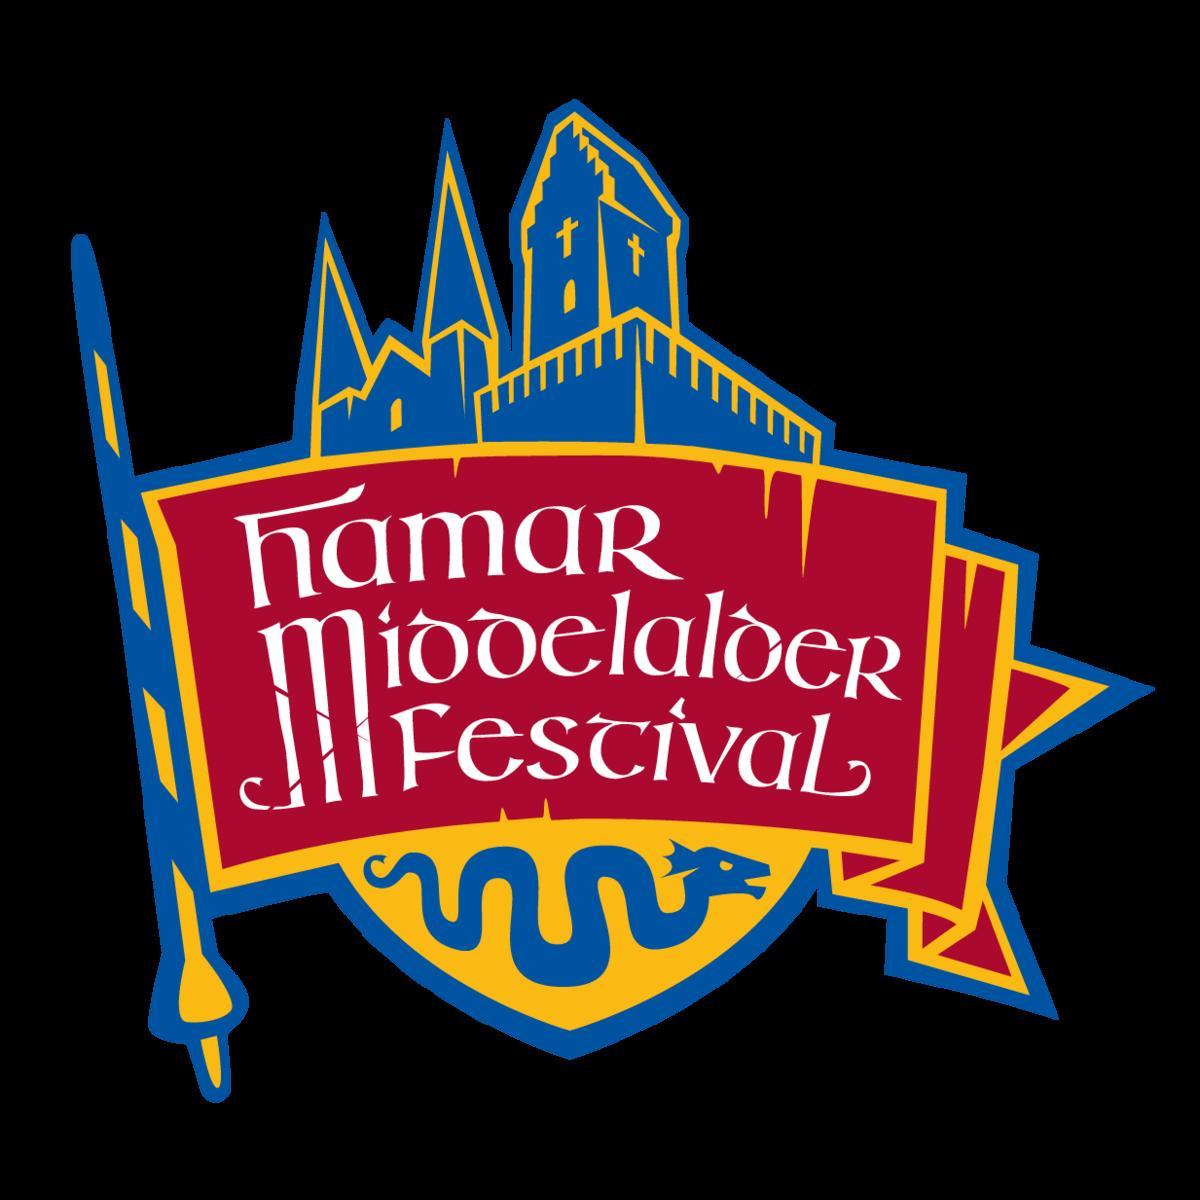 Middelalderf-logo.png